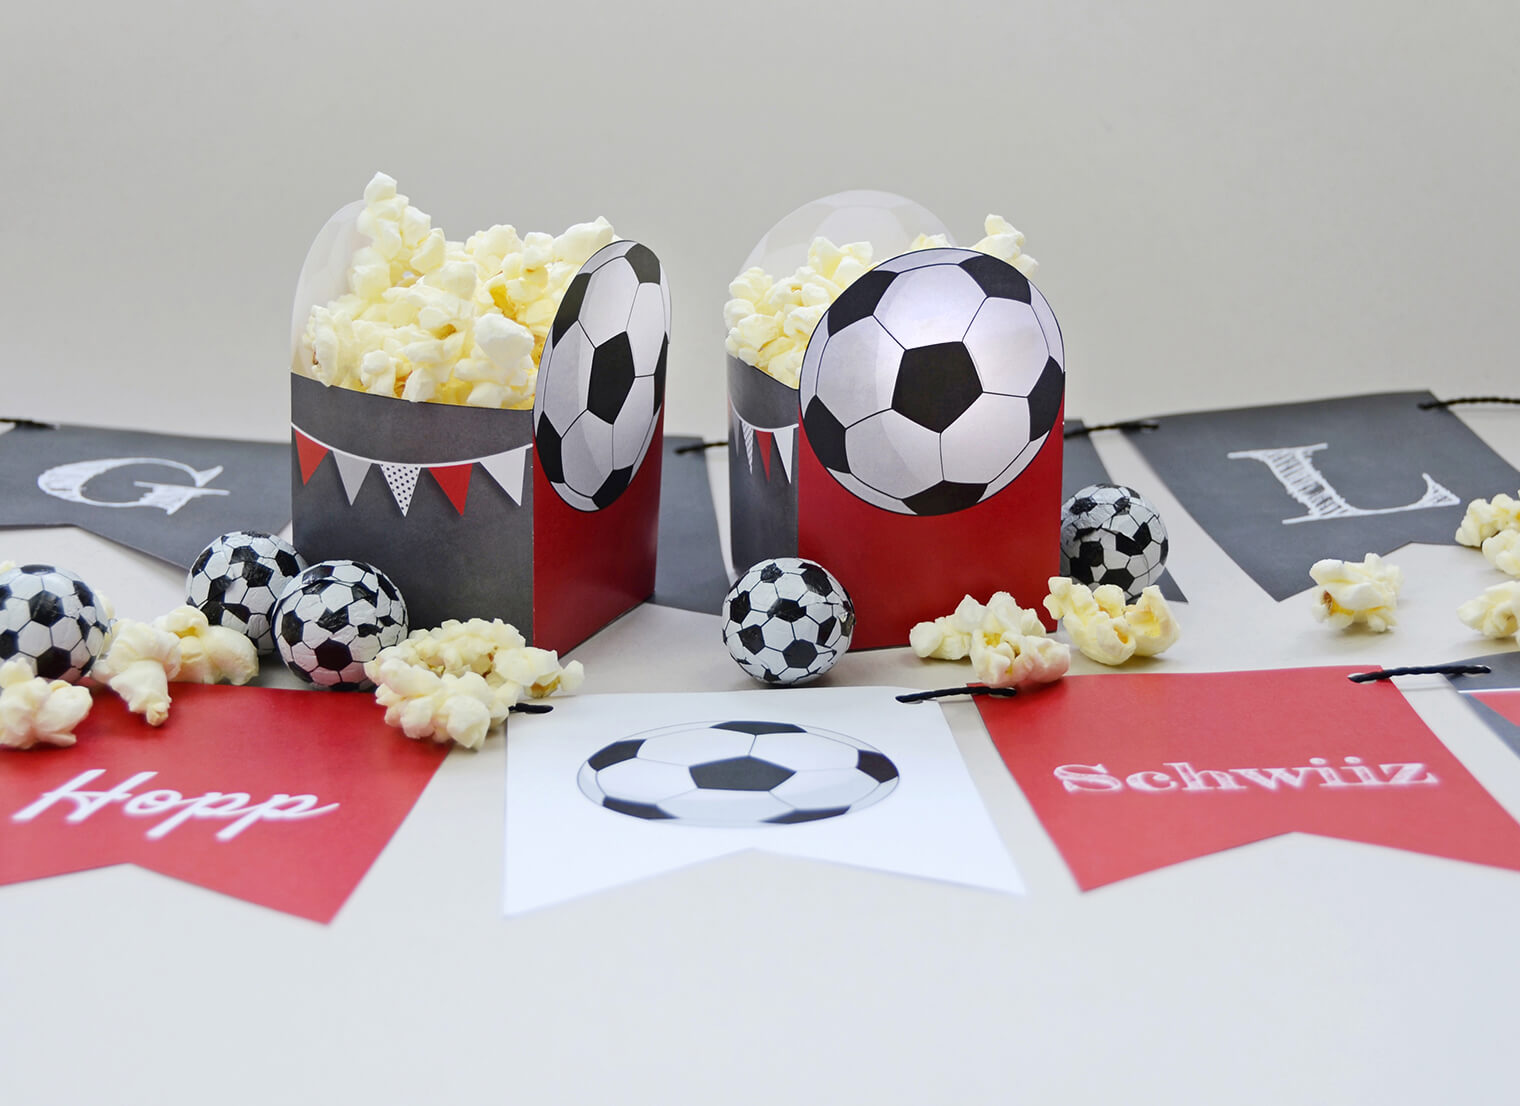 Bastelbogen Fussball-Party, Popcornbox und Girlande